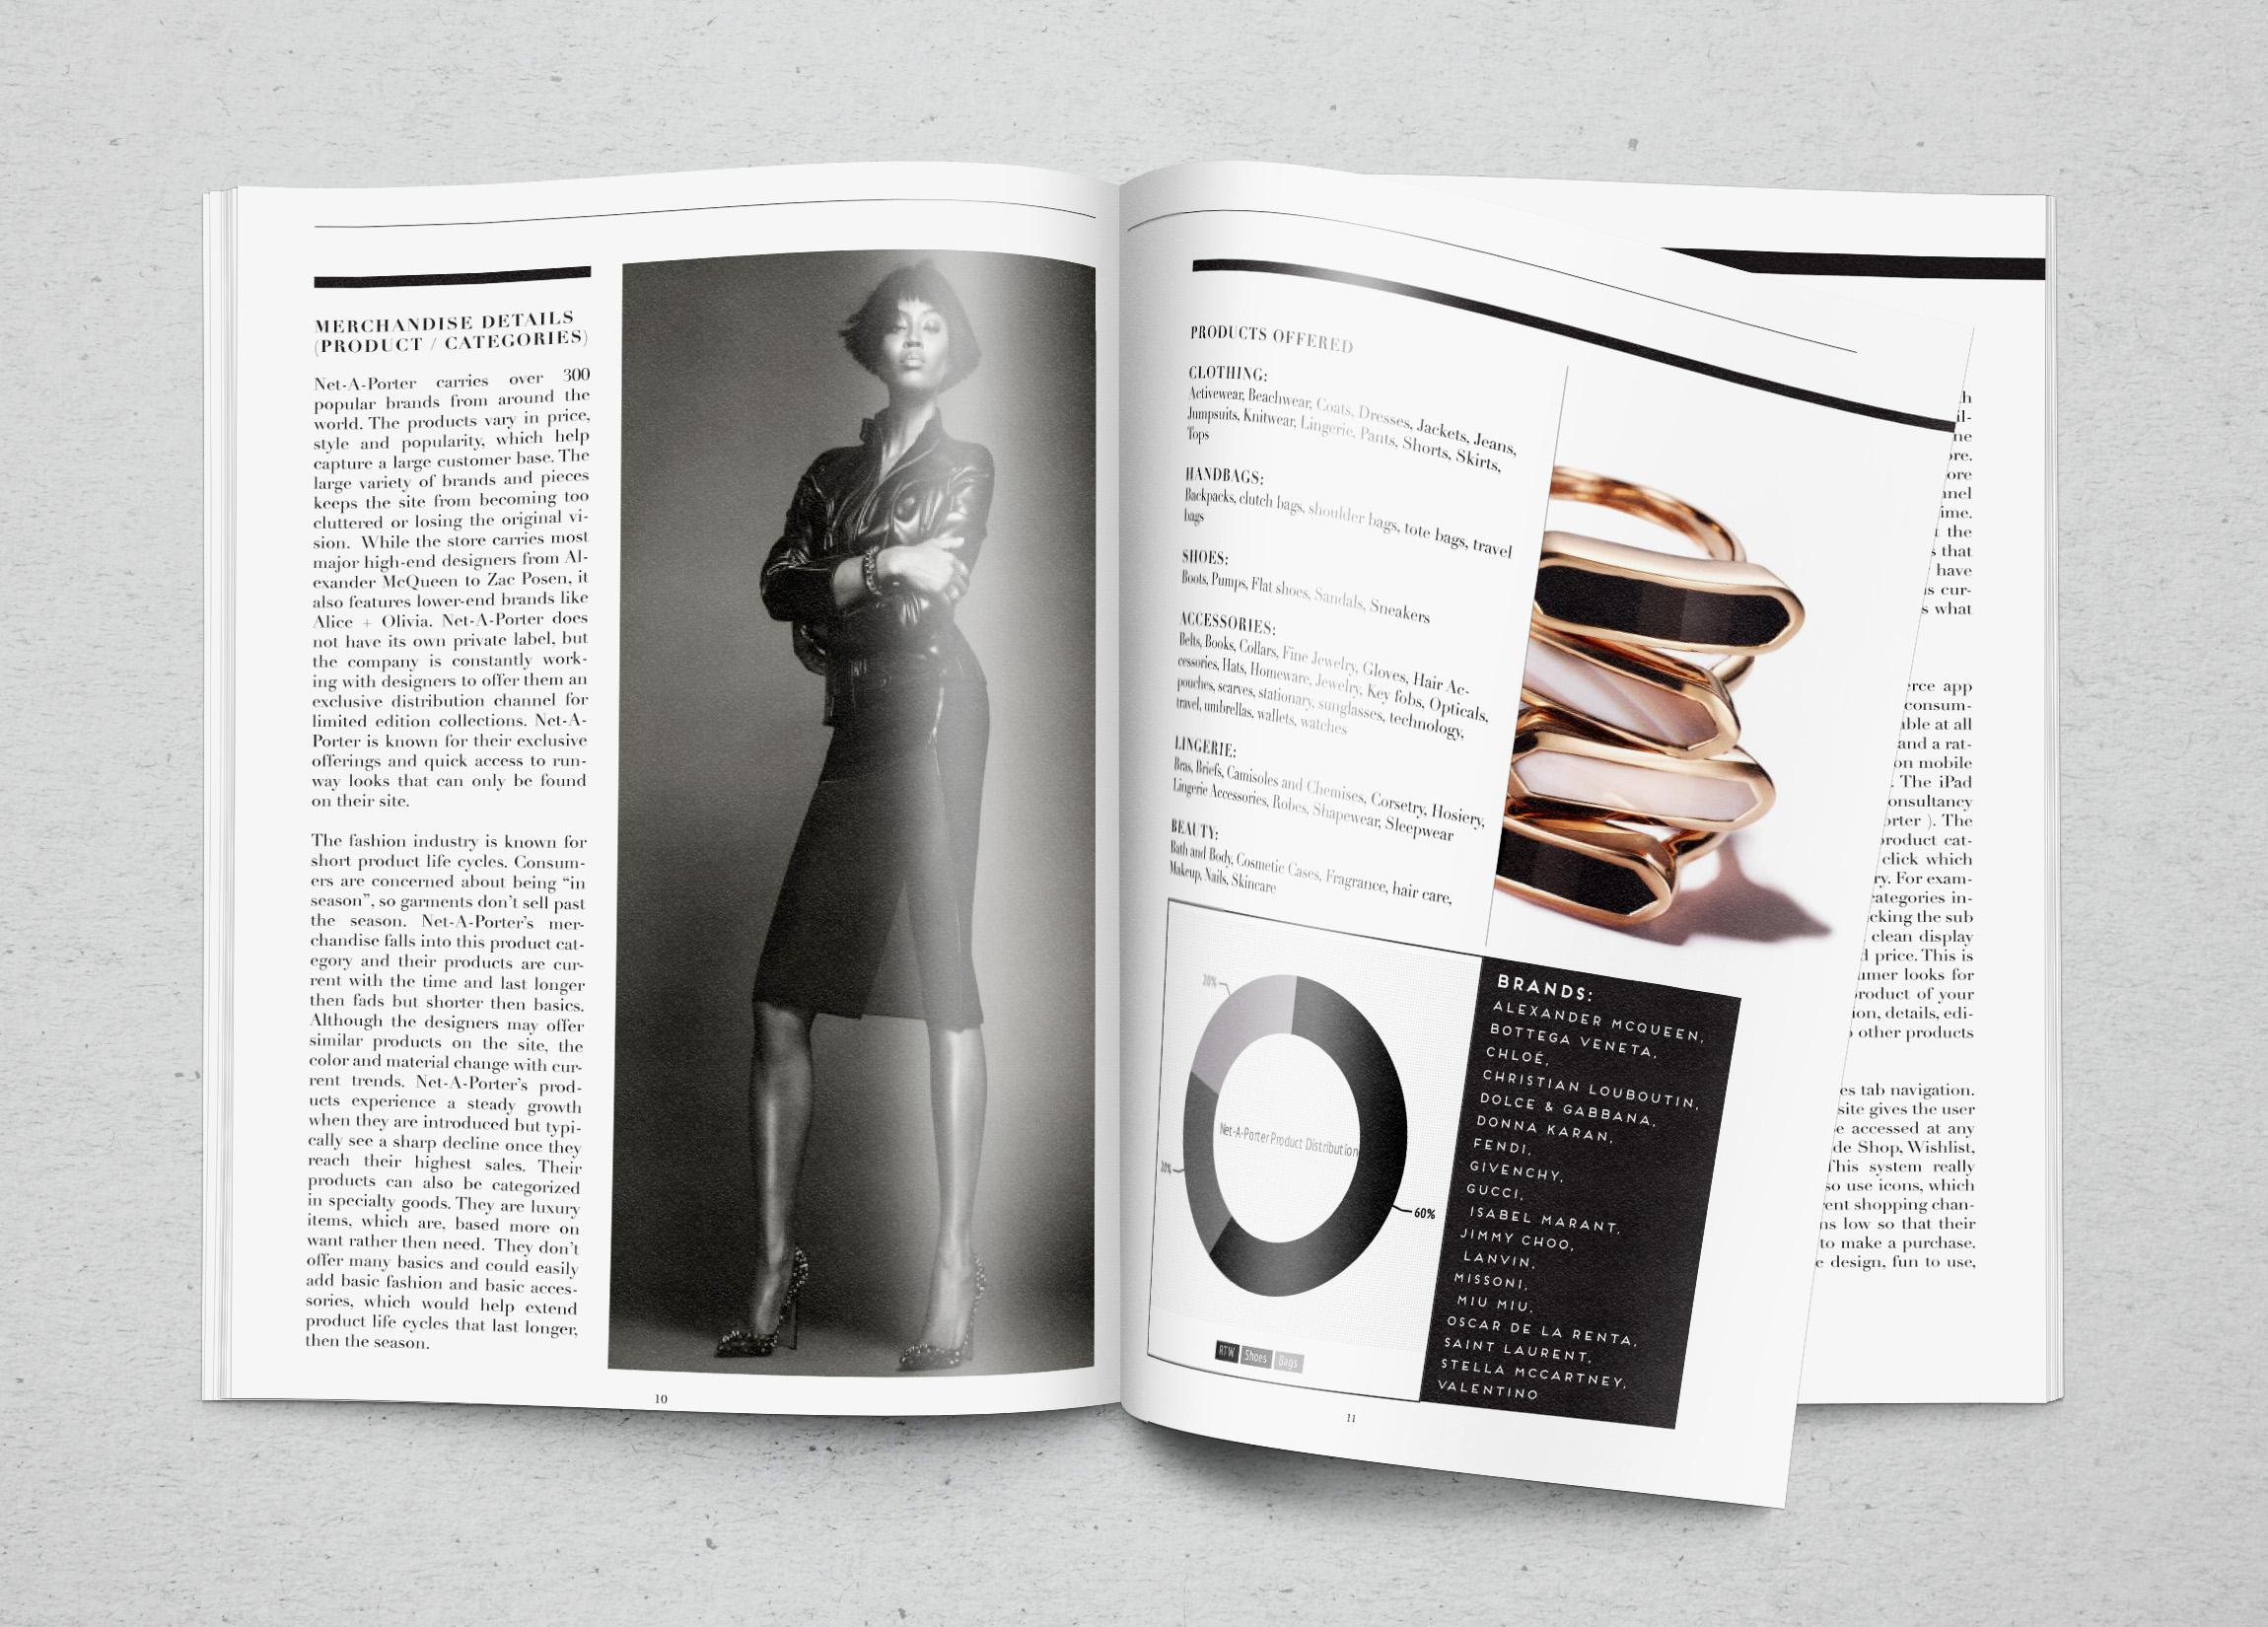 NAP_006Photorealistic Magazine MockUp.jpg